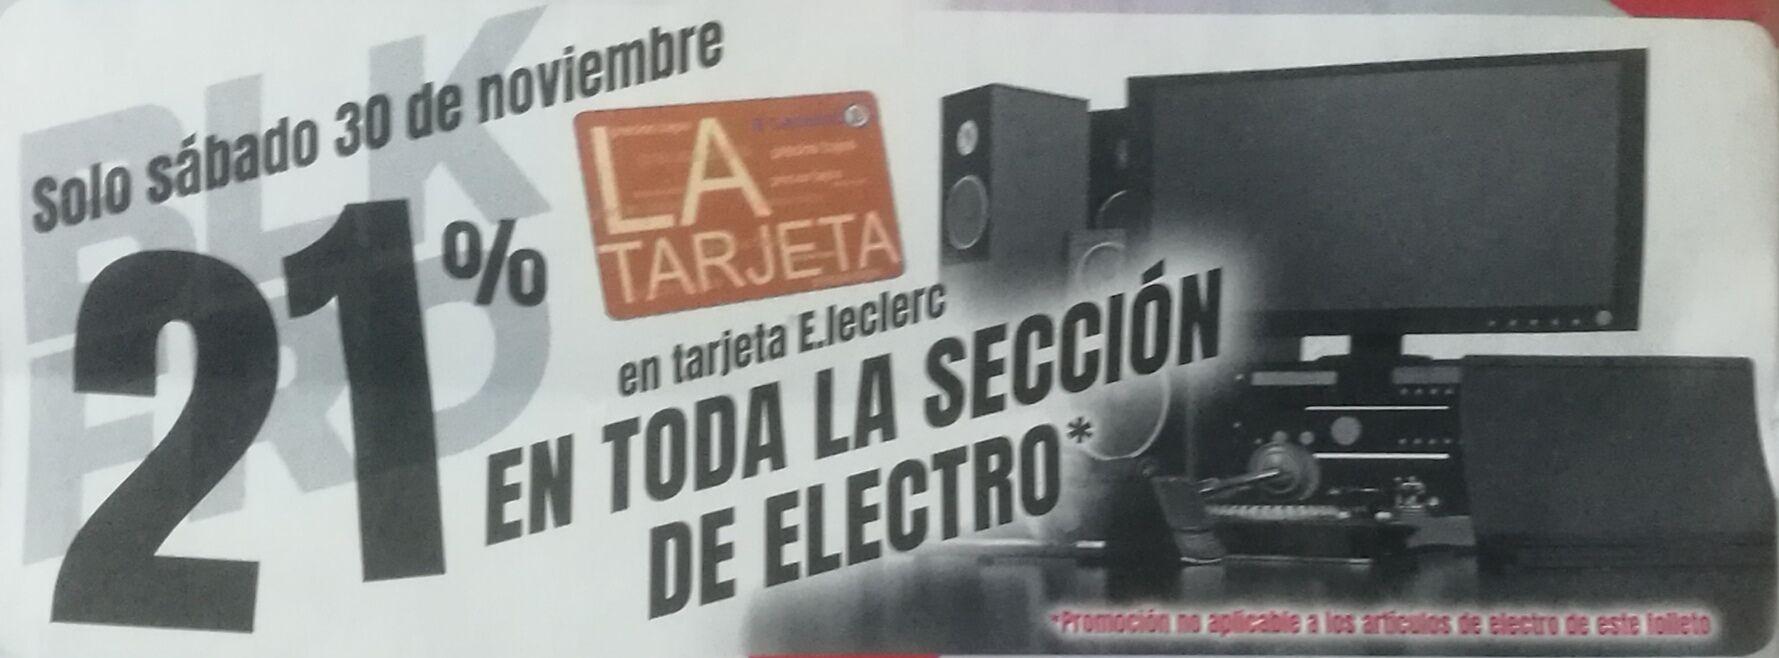 -21% en electrónica en E. Lecrerc